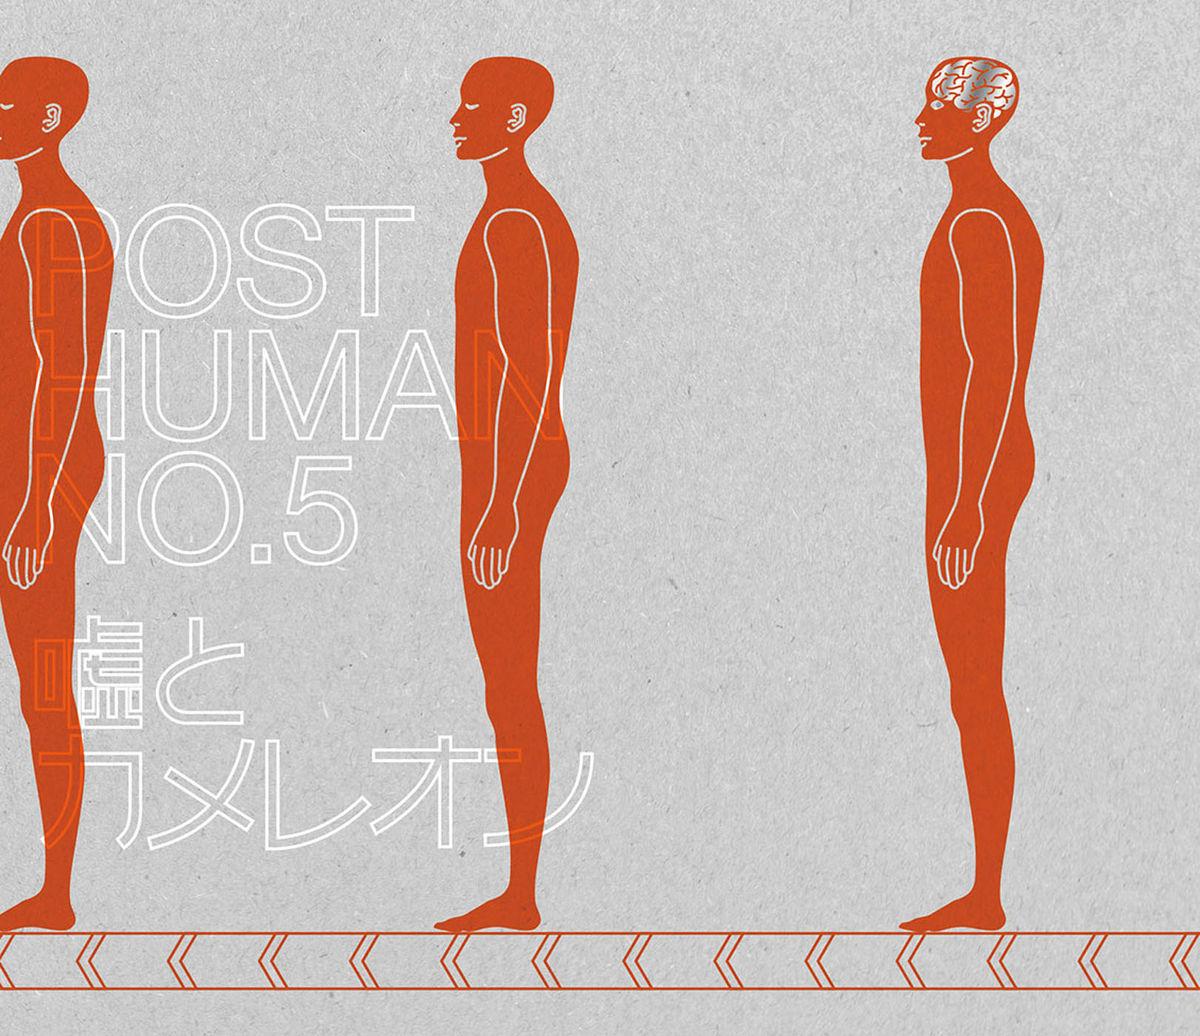 『嘘とカメレオン - ルイユの螺旋』収録の『ポストヒューマンNo.5』ジャケット